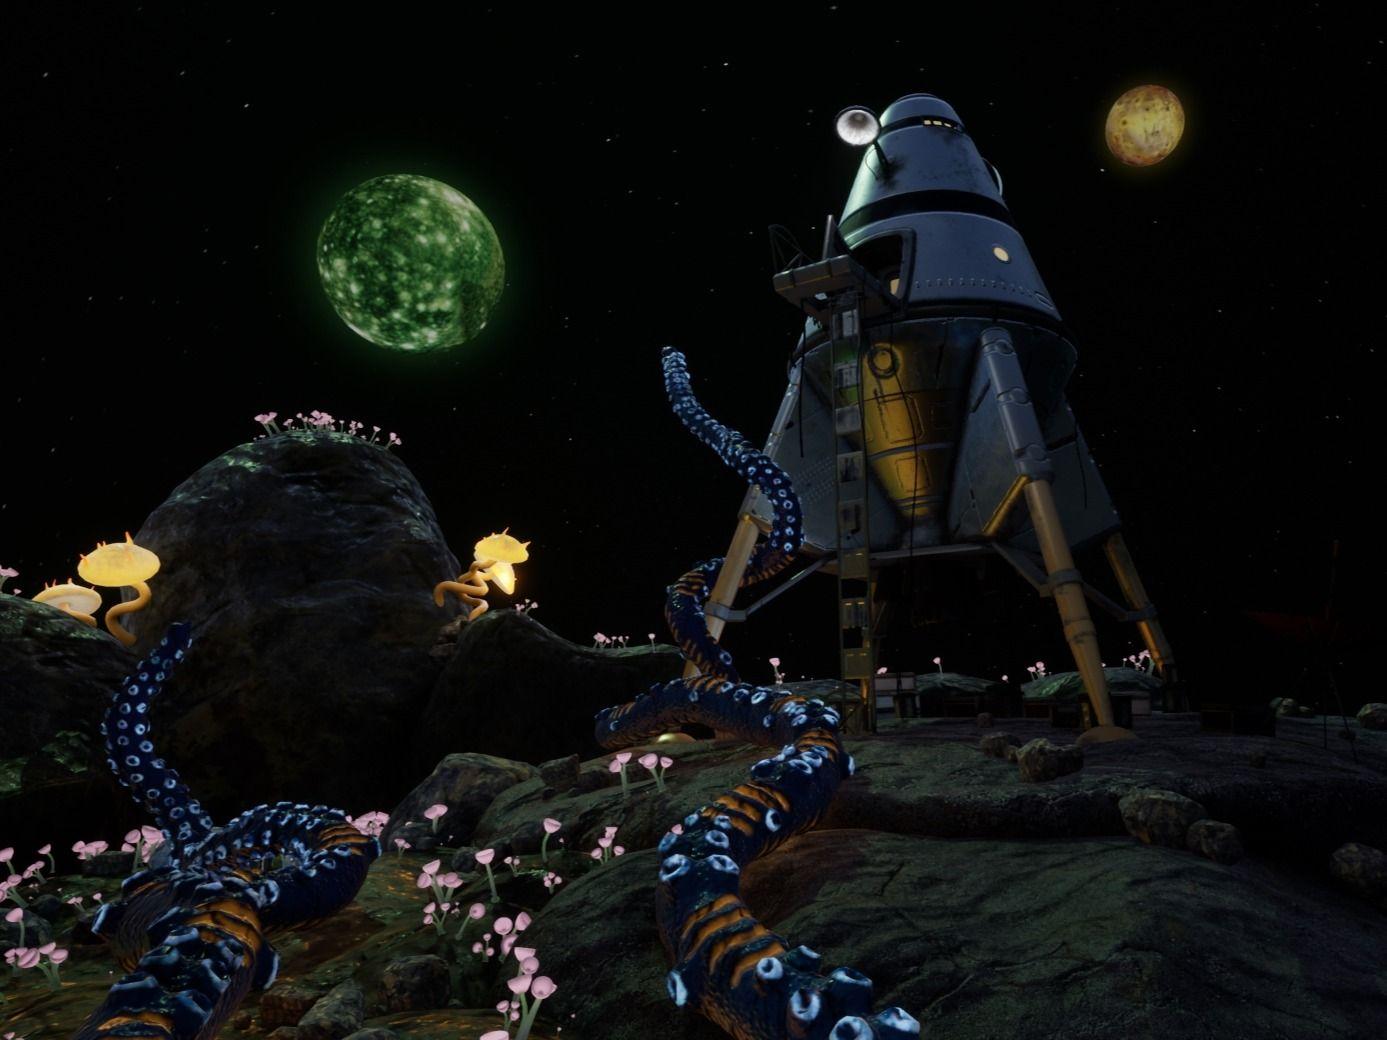 'Planet Morxia' | Otherworldly Diorama